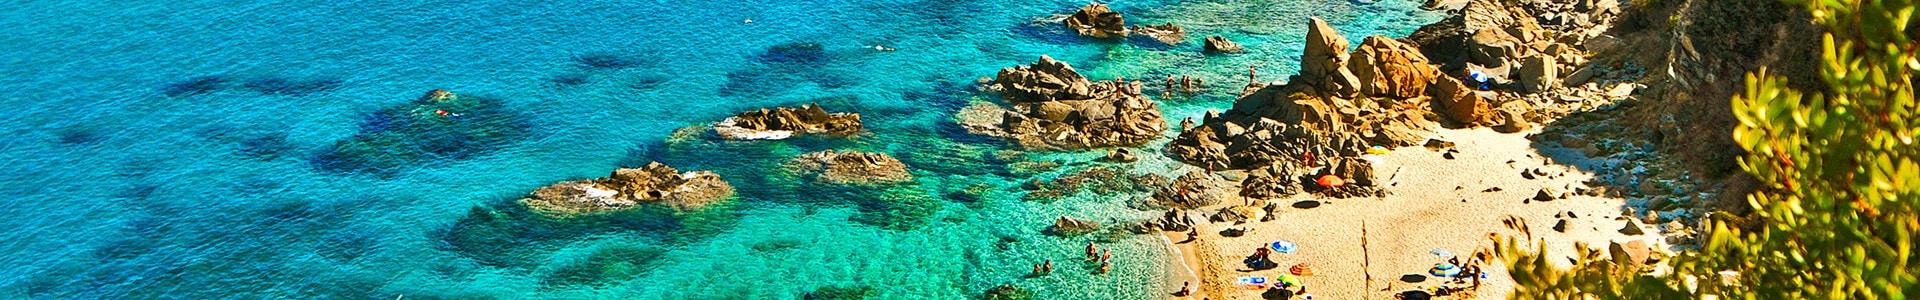 Voyage Italie du Sud - TUI